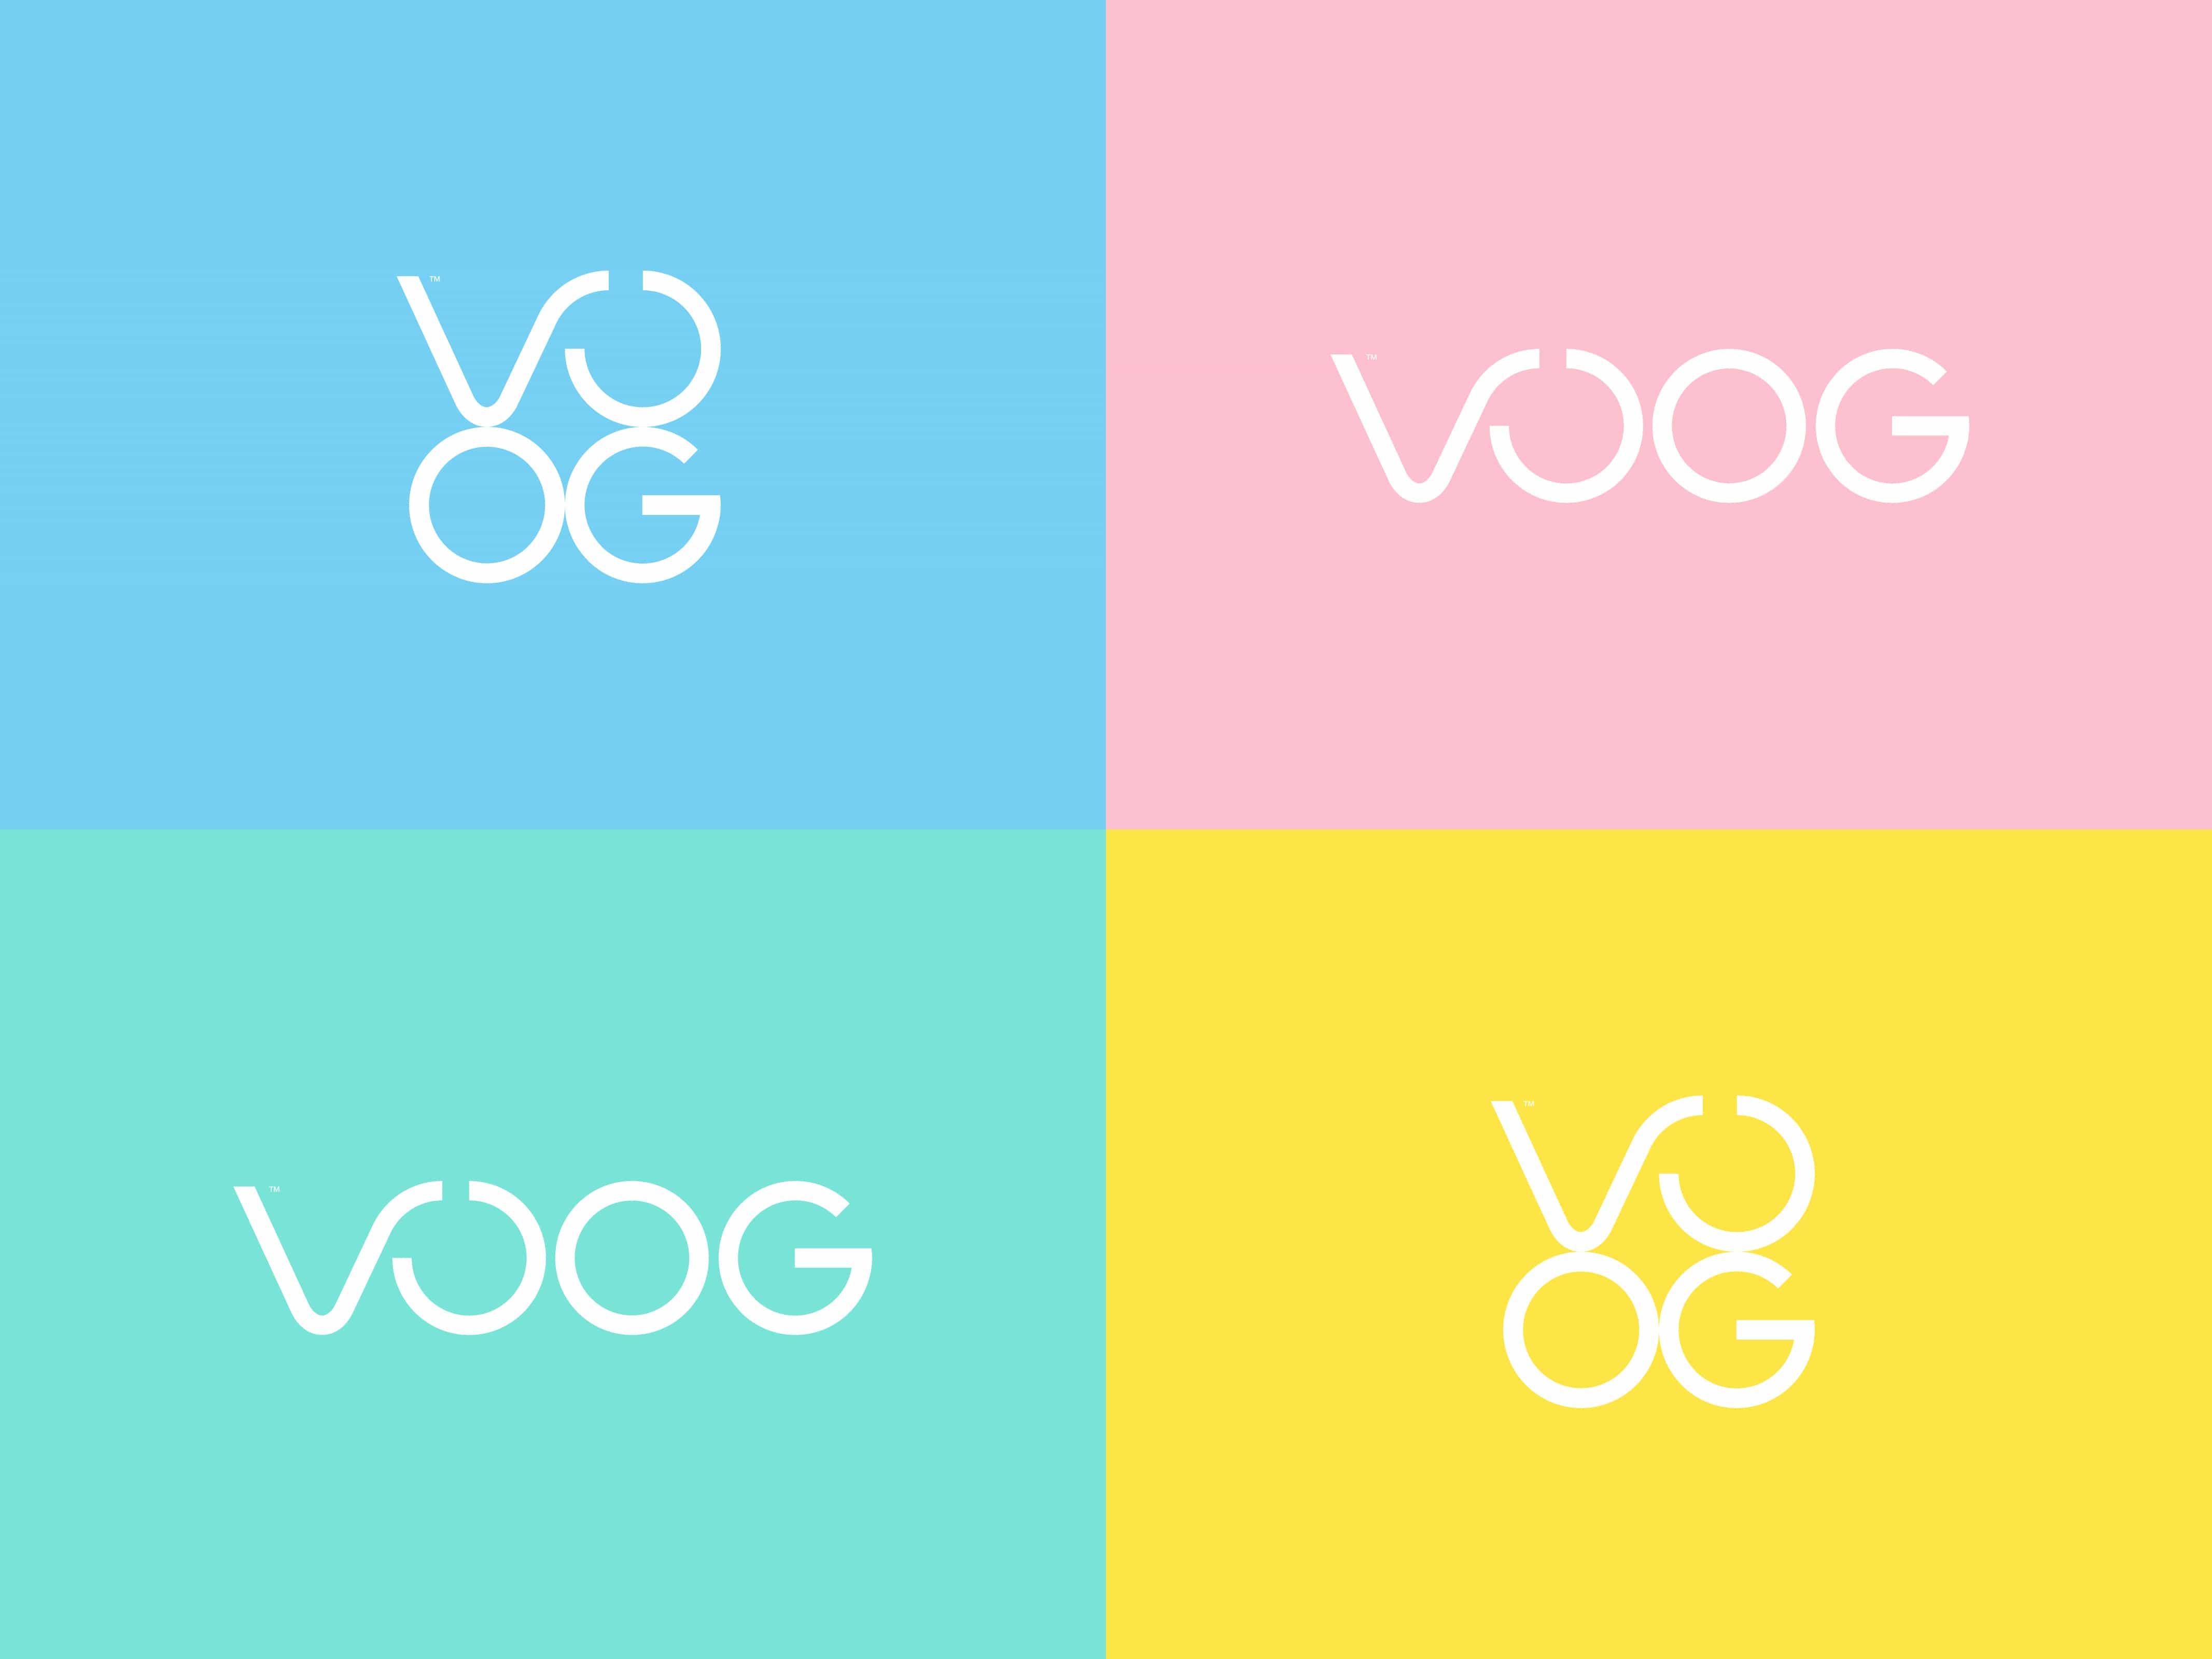 voog-1